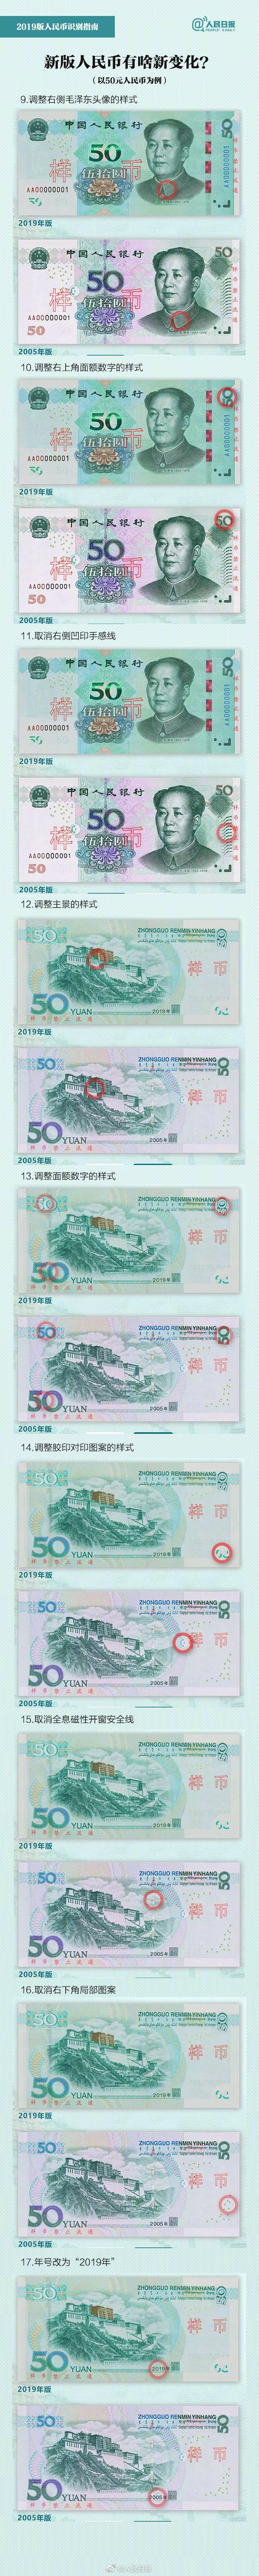 2019年版第五套人民币,第五套人民币,新版人民币,美颜滤镜